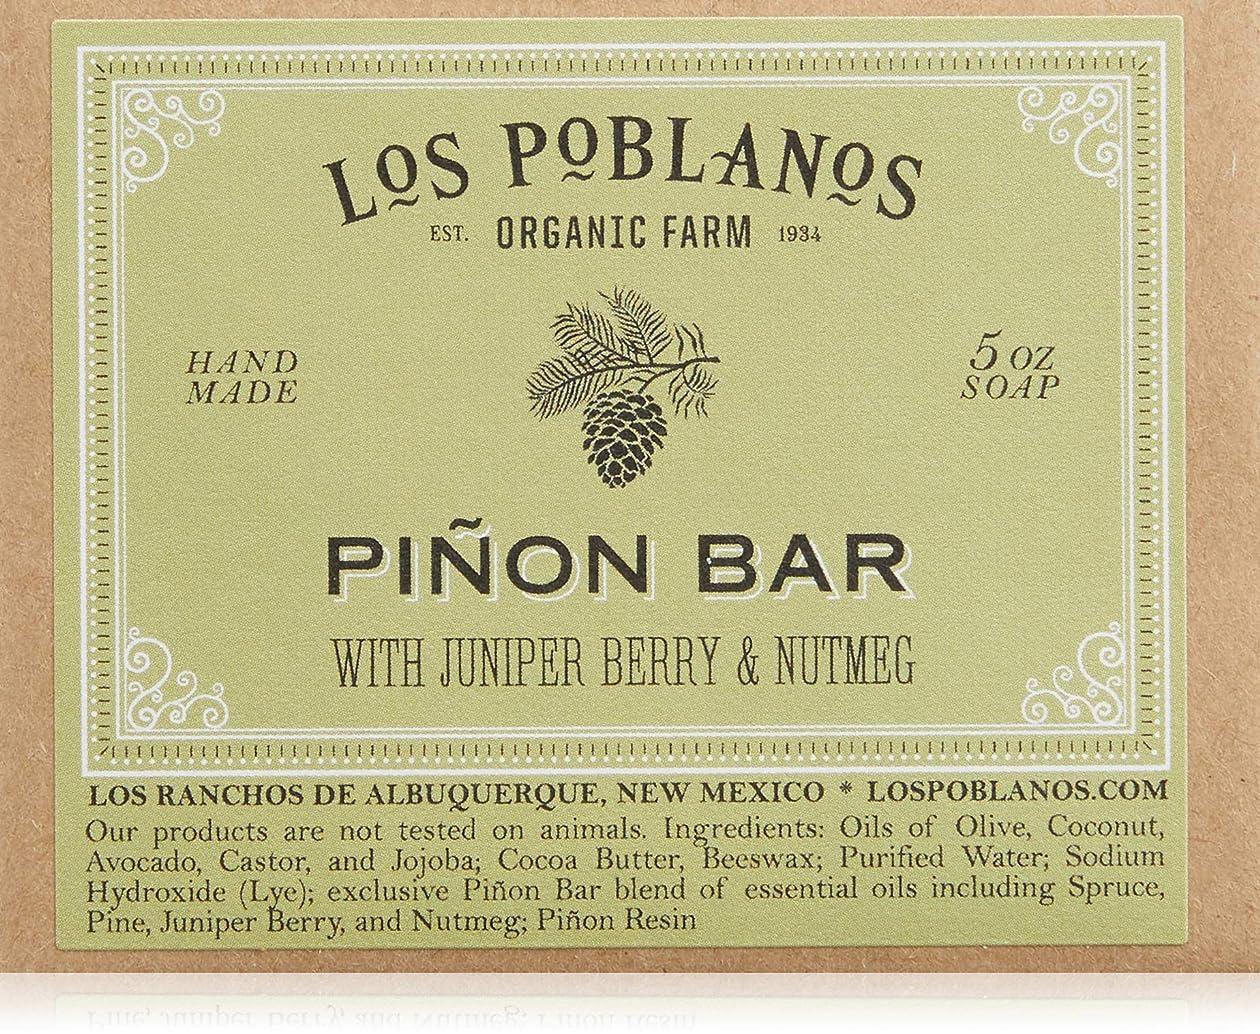 野球突き出す些細LOS POBLANOS(ロス ポブラノス) ピニョン バー 130g